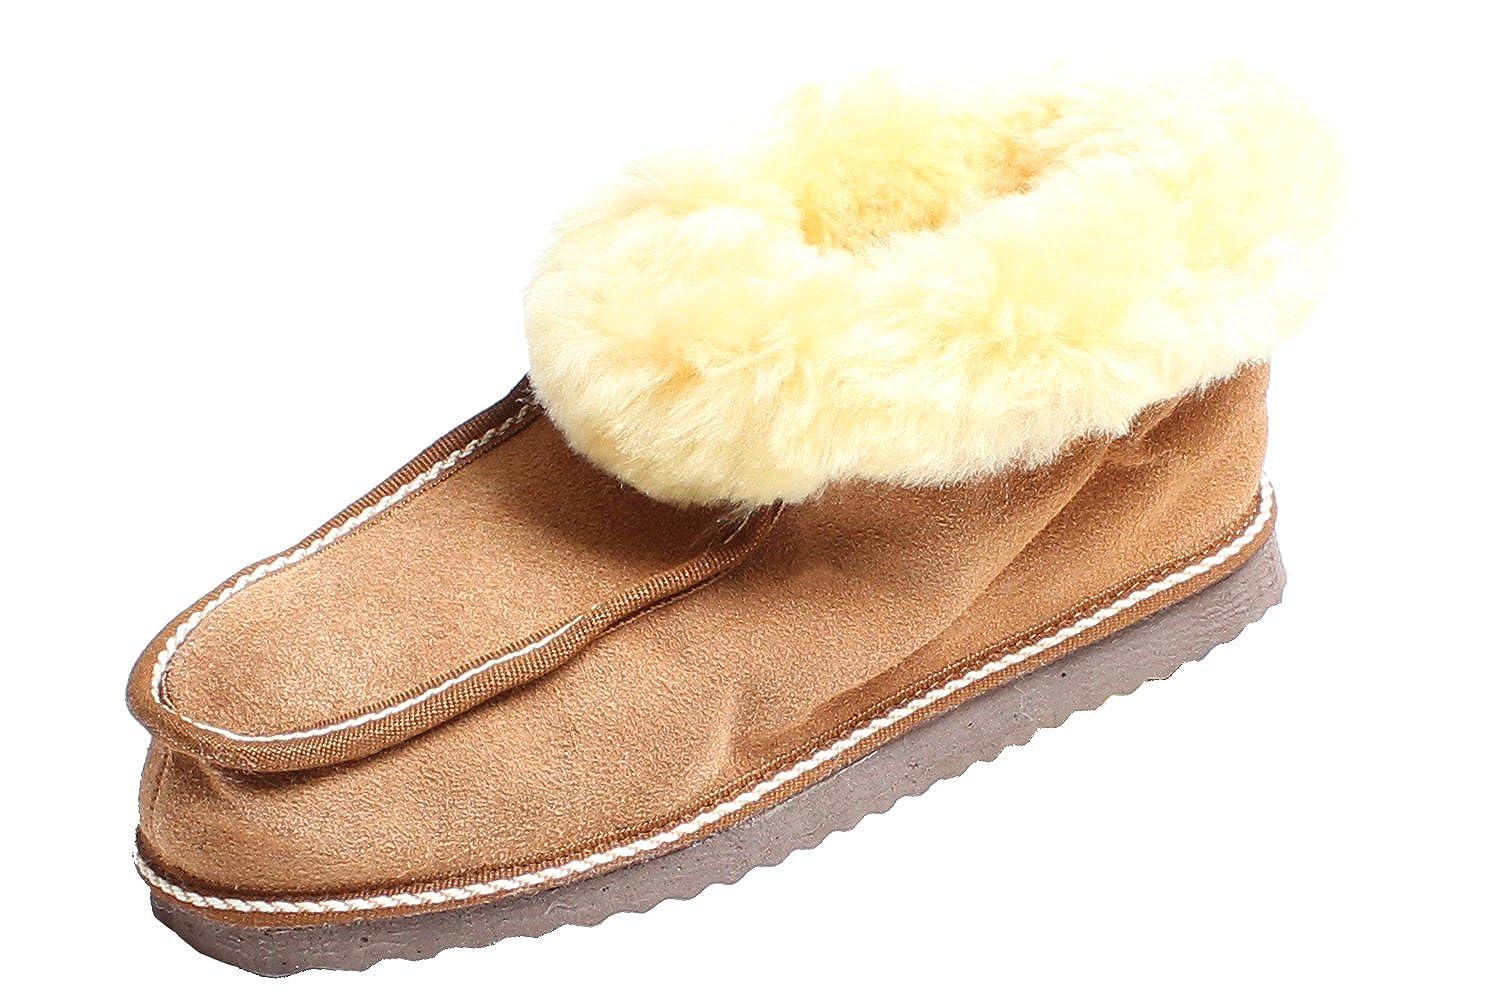 Brubaker Unisex calcetín de chalet, zapatos de piel de oveja, talla: Euro 35